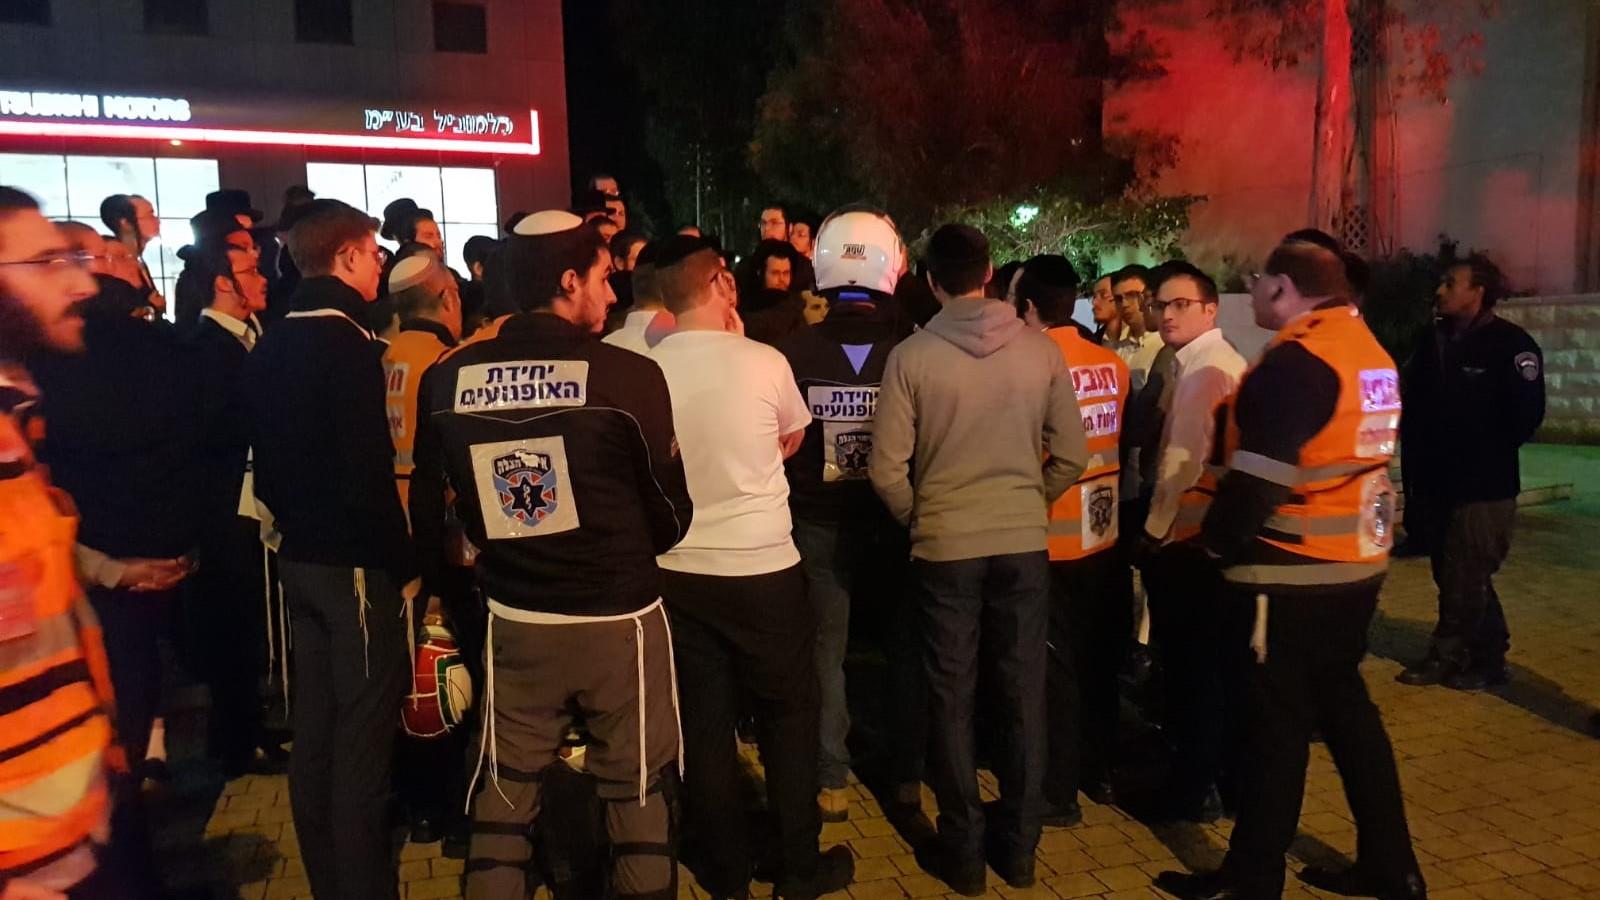 עשרות מתנדבים חרדים מאיחוד הצלה יצאו במהלך שישי בערב לאתר ילד שנעלם ופצחו בריקודים כשמצאו אותו